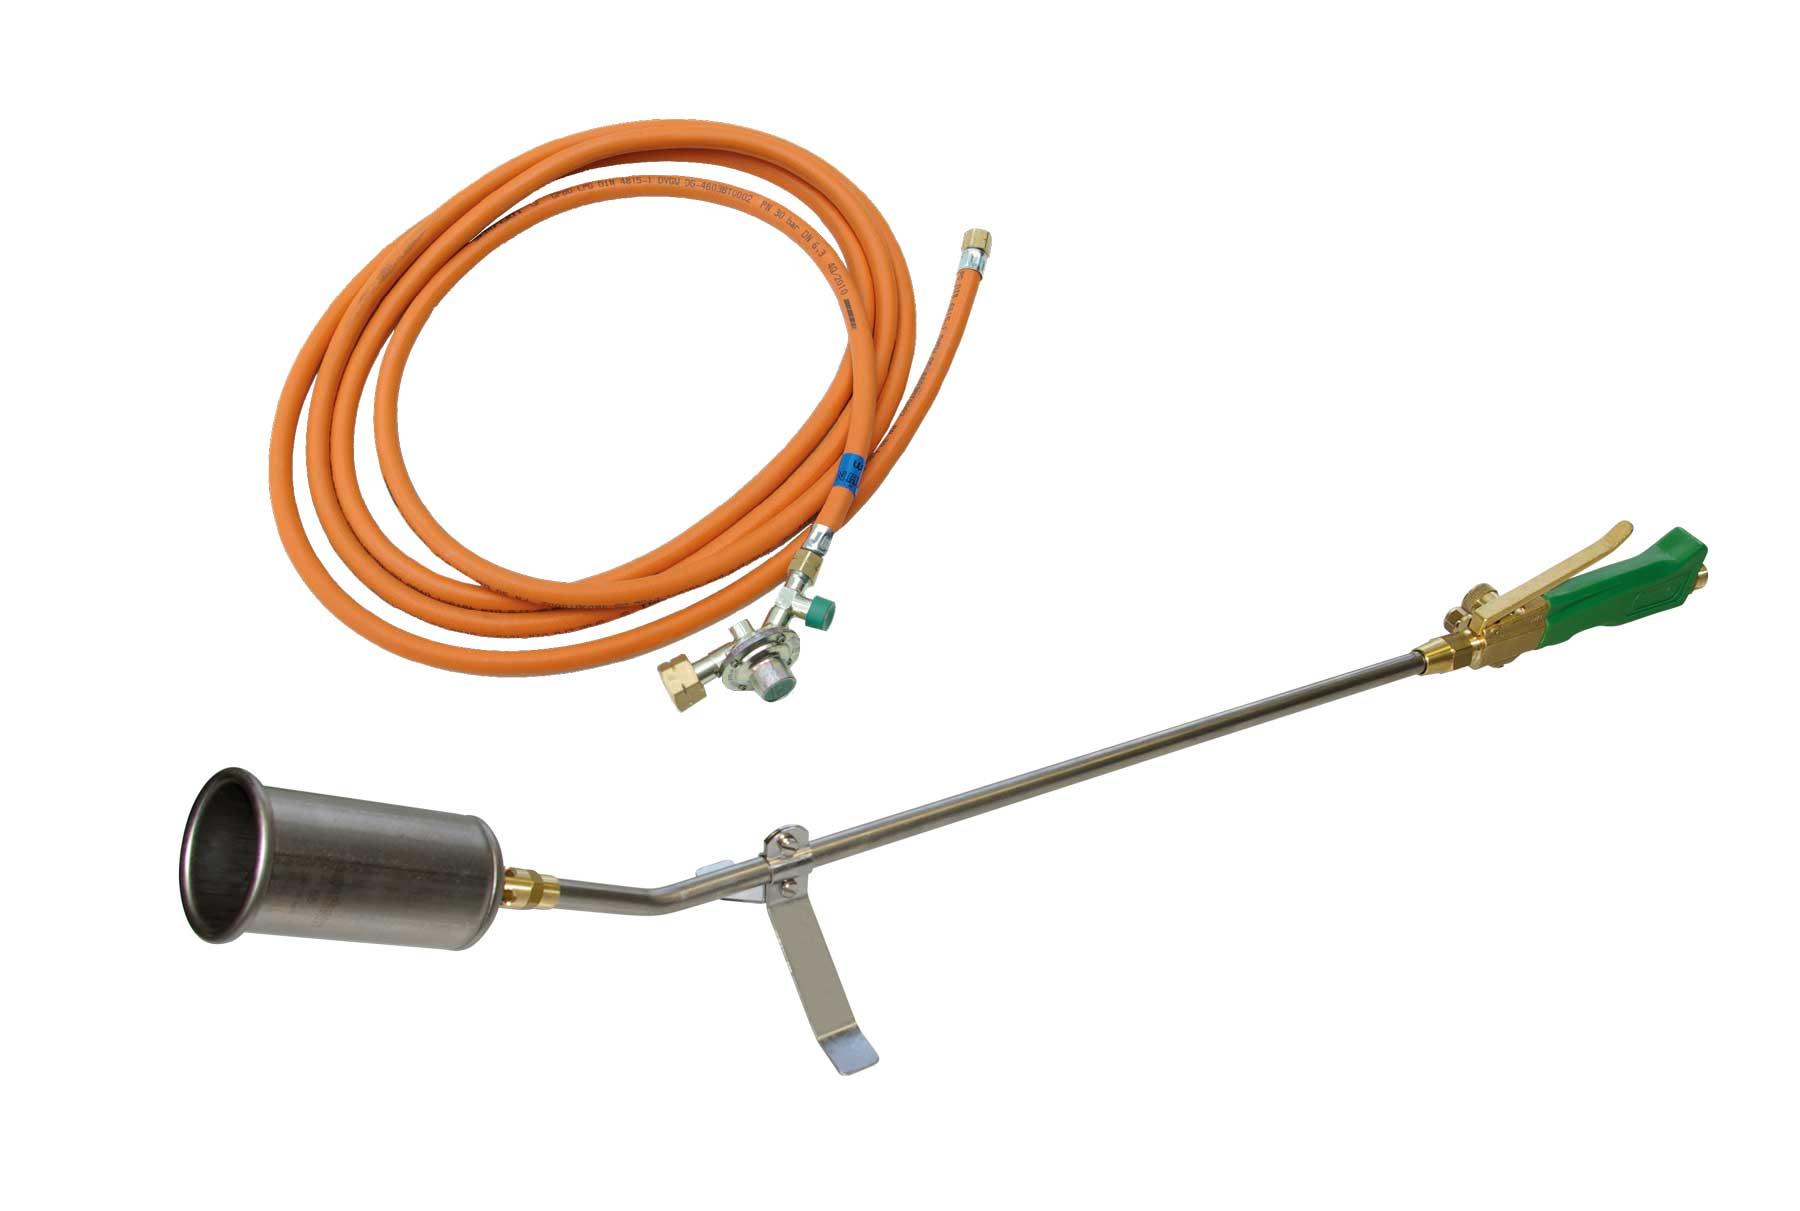 Titan TM 55 Universalbrenner mit 5 m HD-Schlauch / Titanium universal burner TM 55 with 5 m high pressure hose